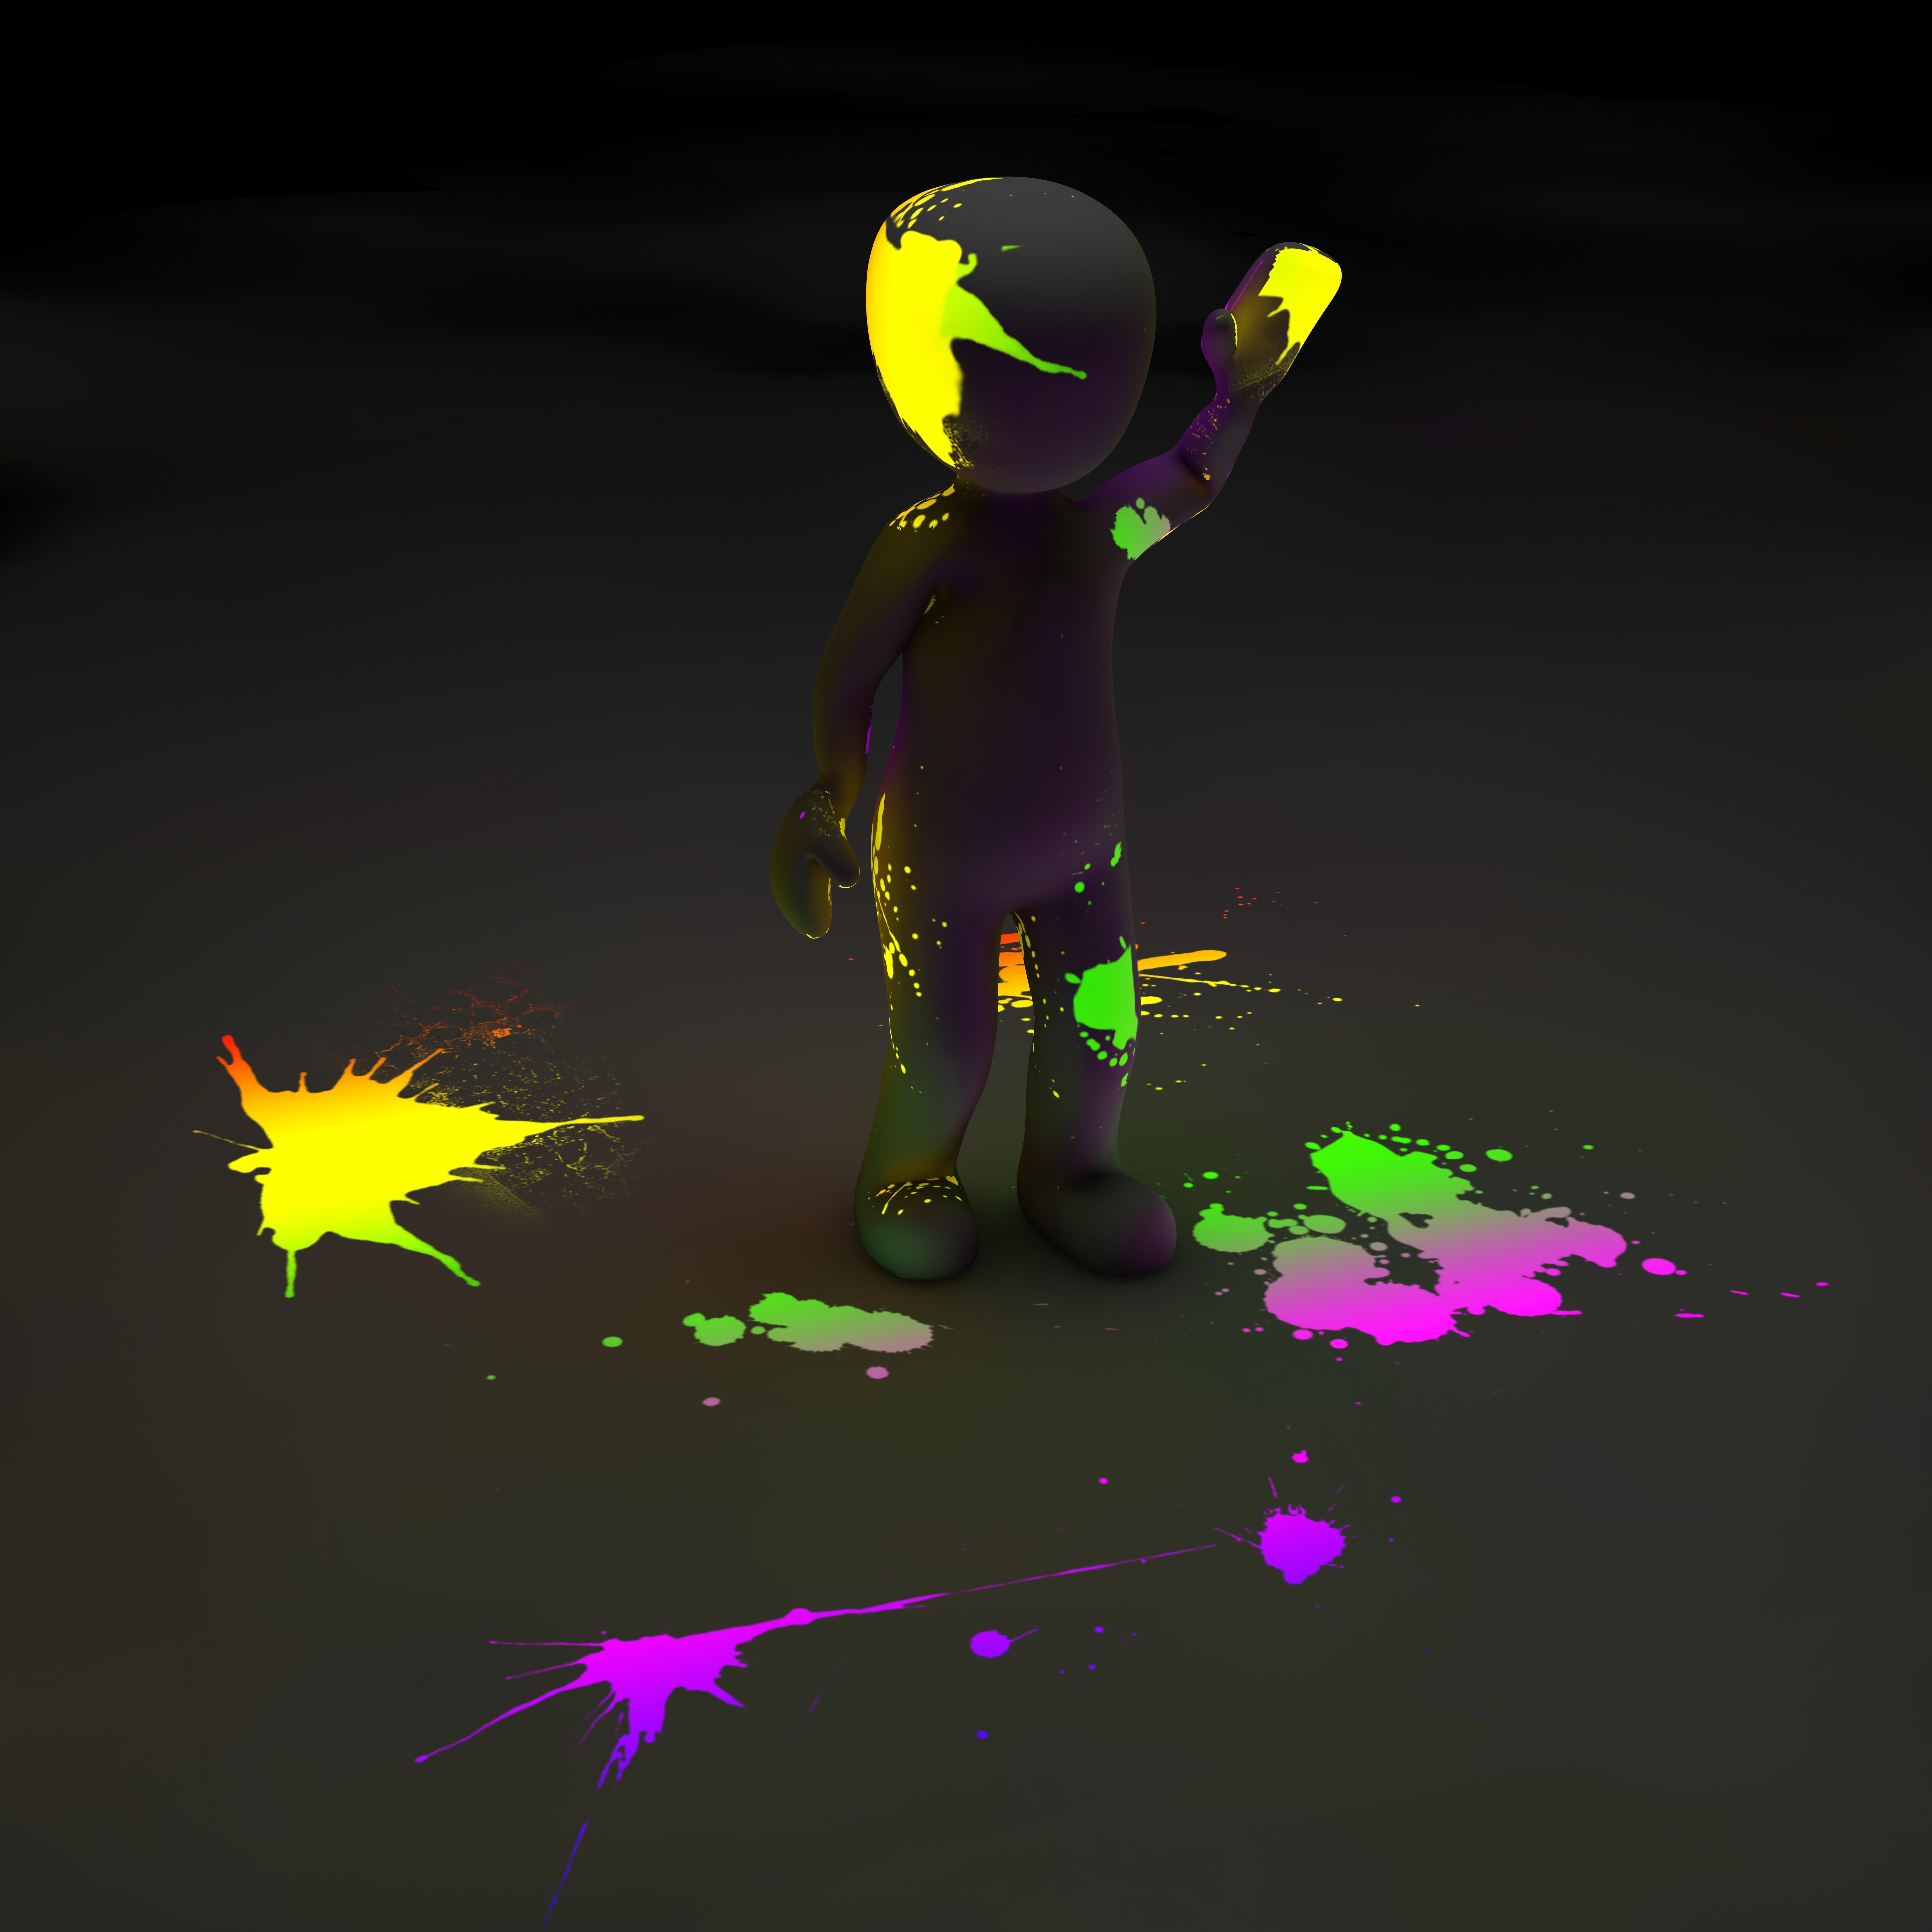 52024 économiseurs d'écran et fonds d'écran 3D sur votre téléphone. Téléchargez 3D, Peindre, Peinture, Néon, Taches, Humain, Personne, Clipart, Luminescence, Fluorescence images gratuitement